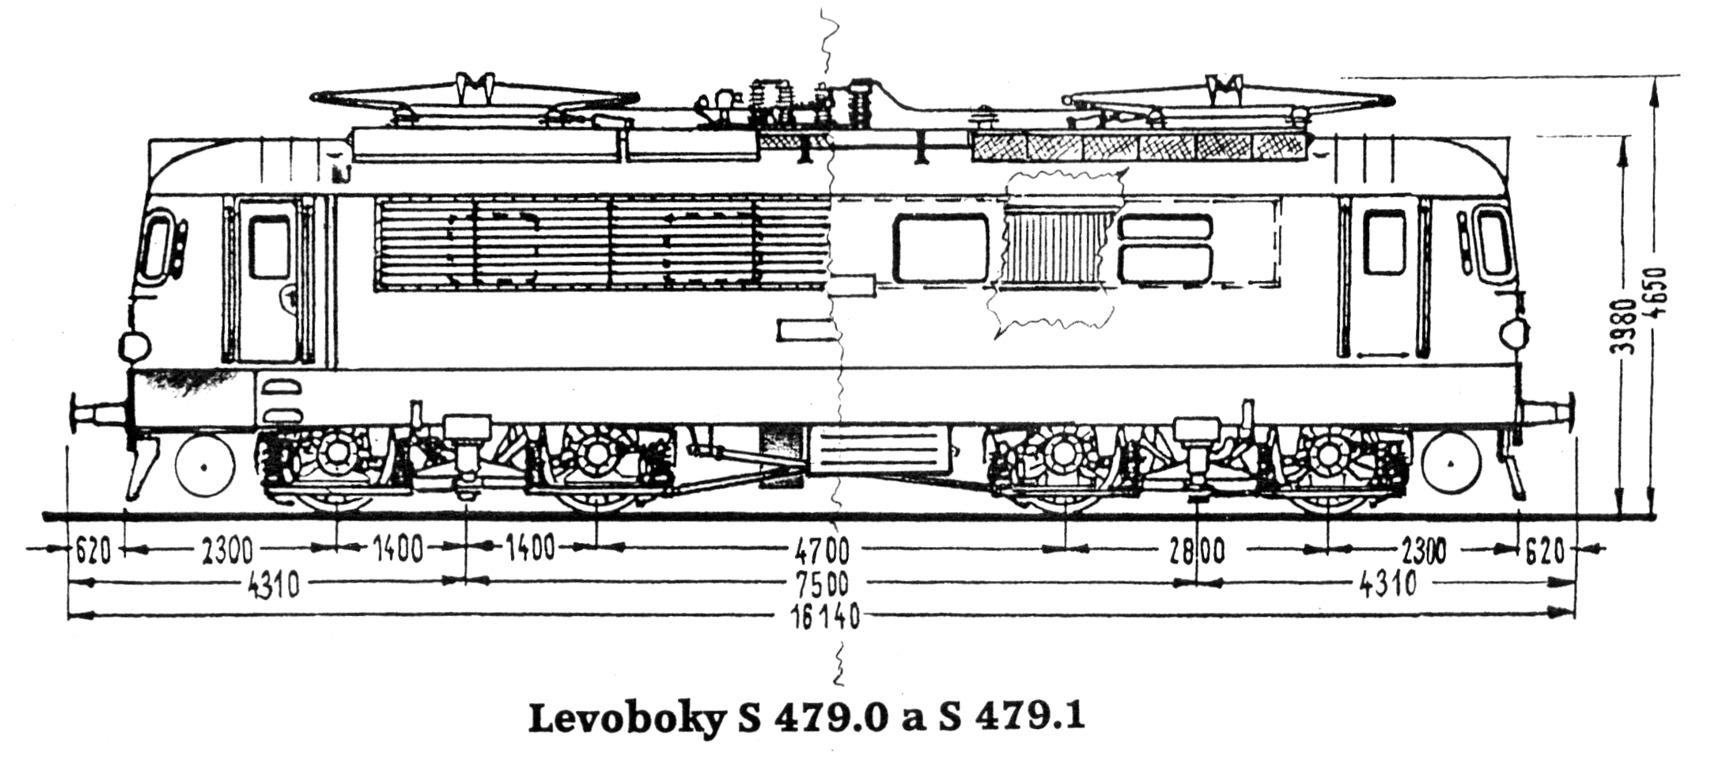 http://www.prototypy.cz/rady/S479_0/obr/S4790nakr_lev.jpg